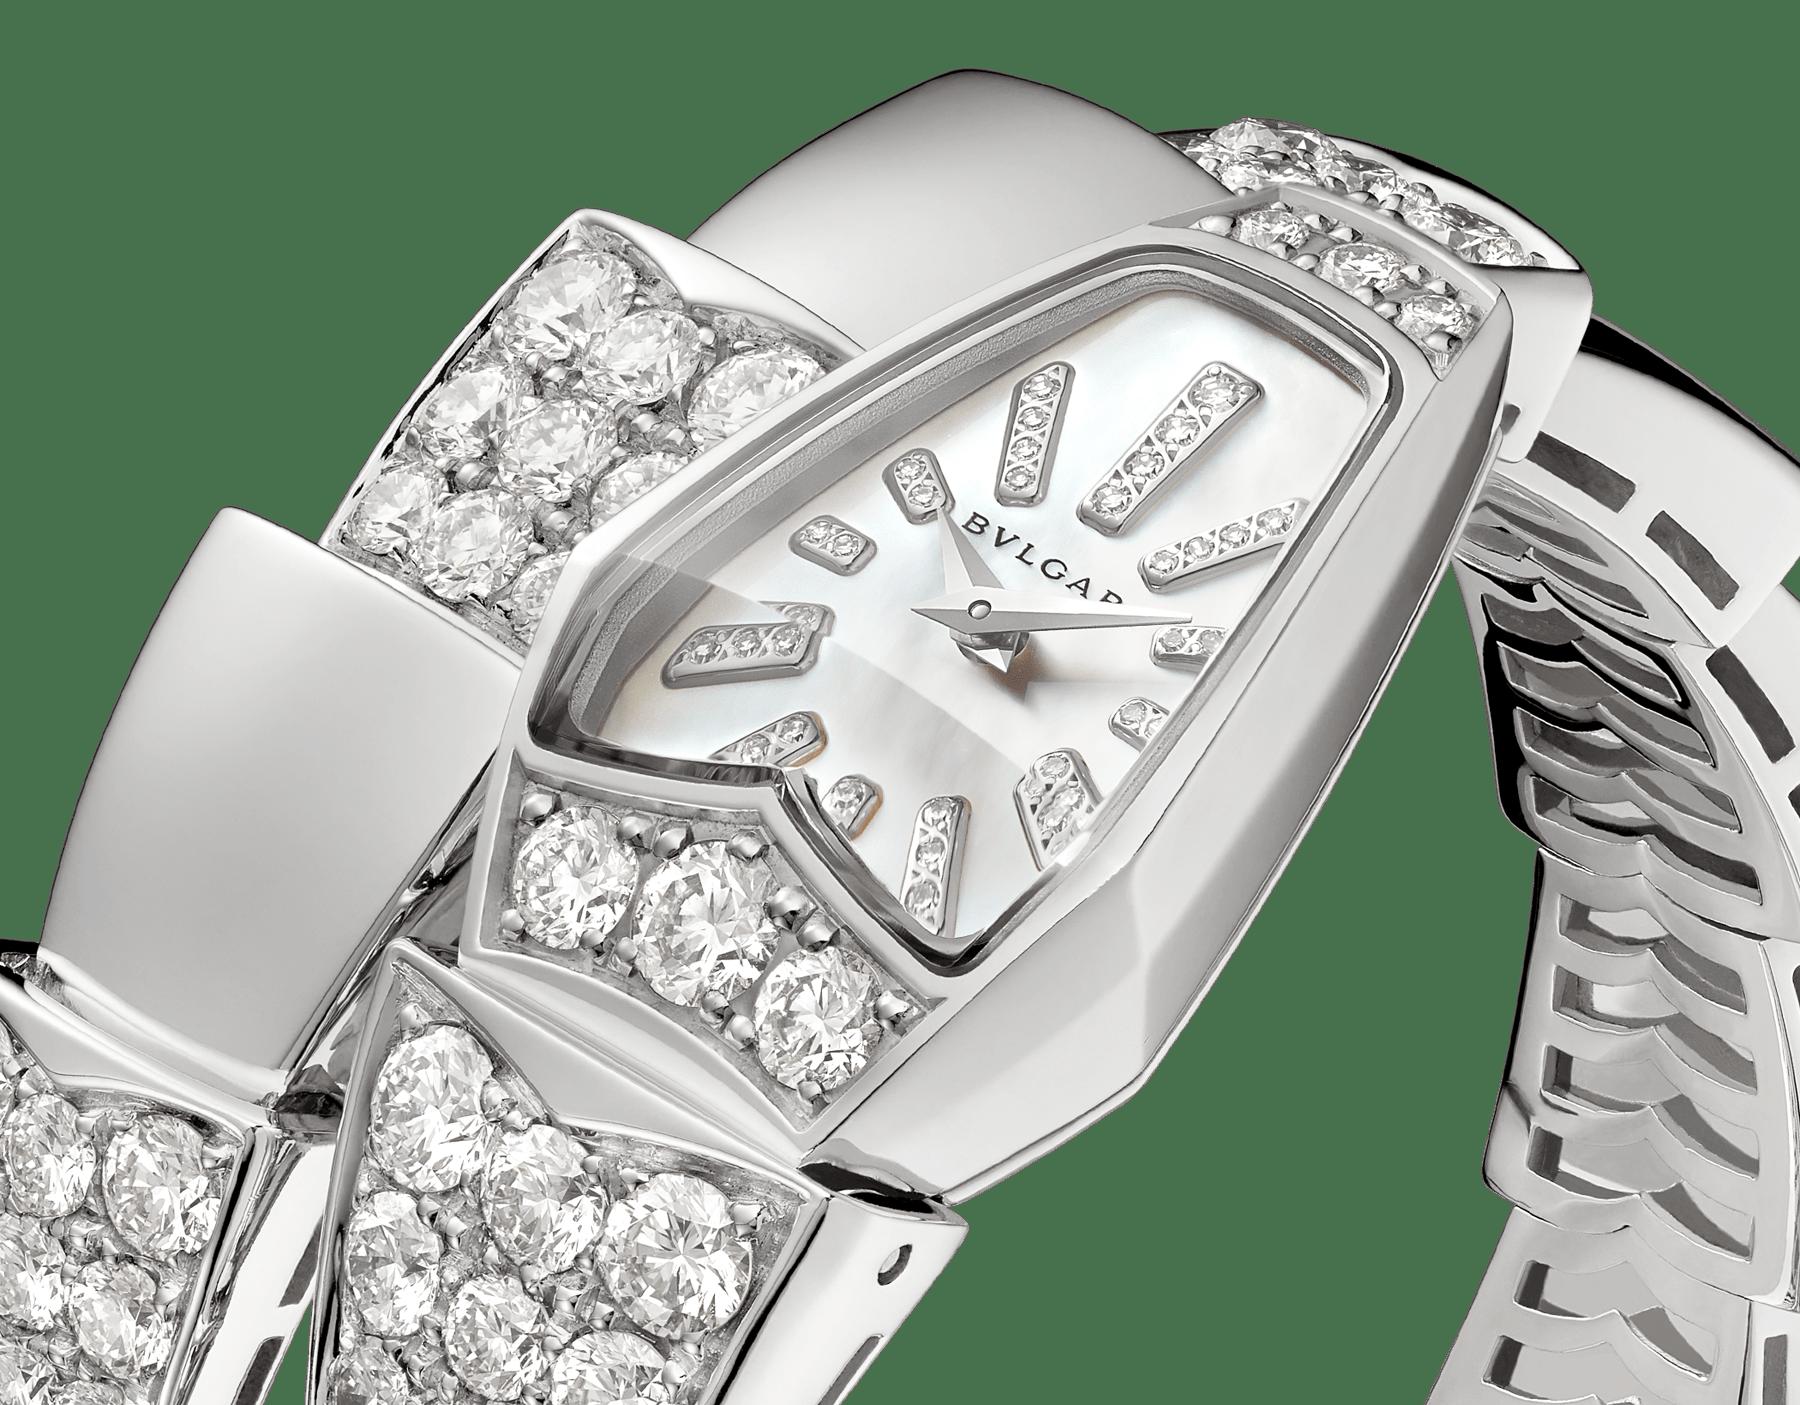 Serpenti Schmuckuhr mit Gehäuse aus 18Karat Weißgold und einfach geschwungenem Armband, beide mit Diamanten im Brillantschliff besetzt, weißes Perlmuttzifferblatt und Diamantindizes. 101787 image 2